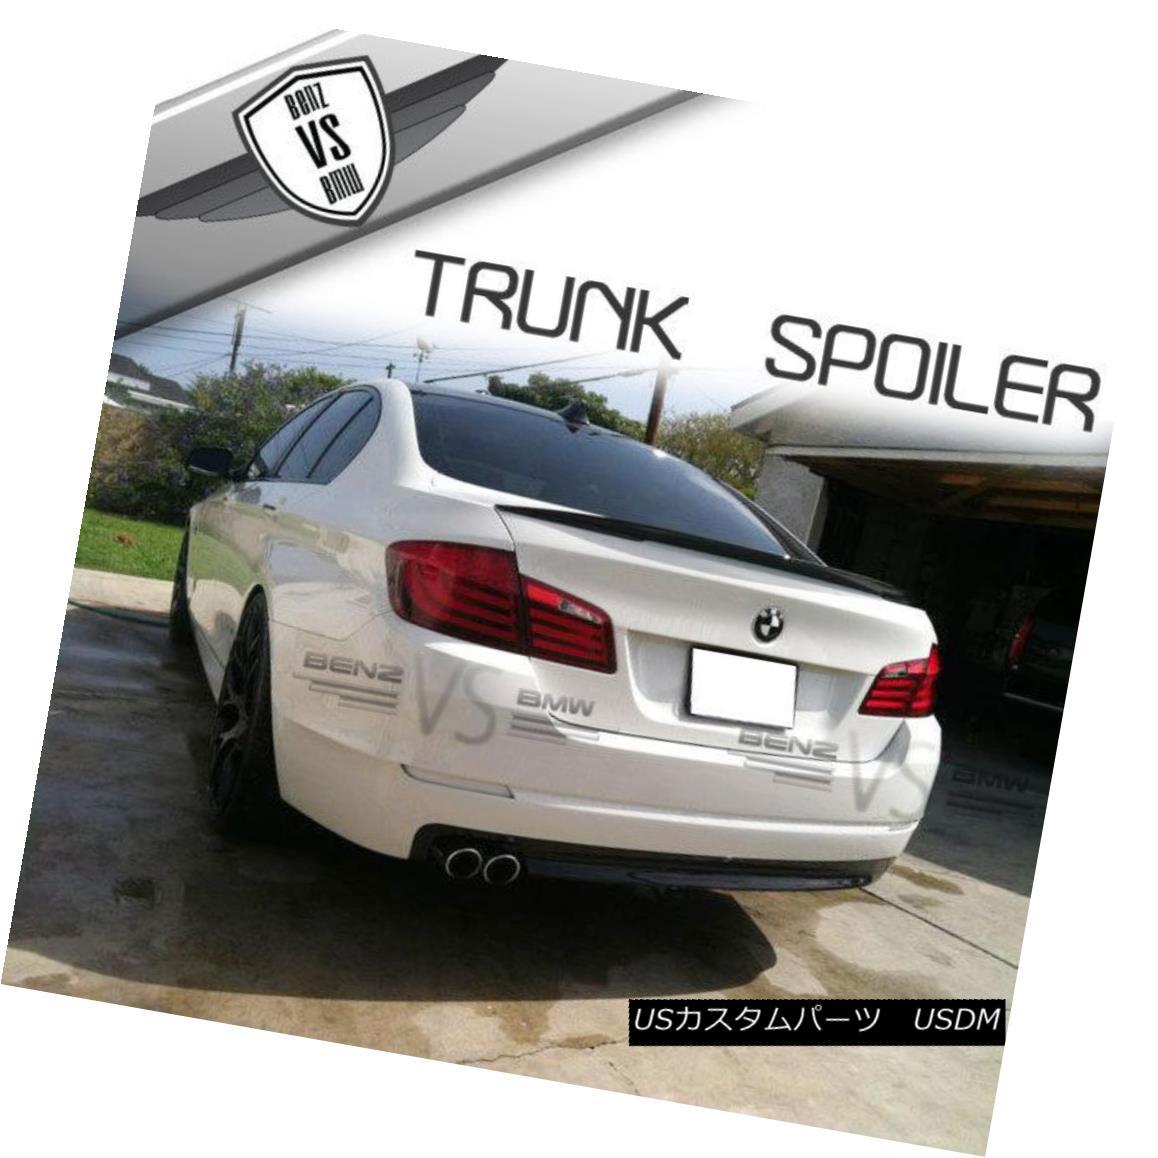 エアロパーツ 11-16 BMW F10 5-Series 4Dr Performance Style Trunk Spoiler Wing ABS New 11-16 BMW F10 5シリーズ4DrパフォーマンススタイルトランクスポイラーウィングABS新